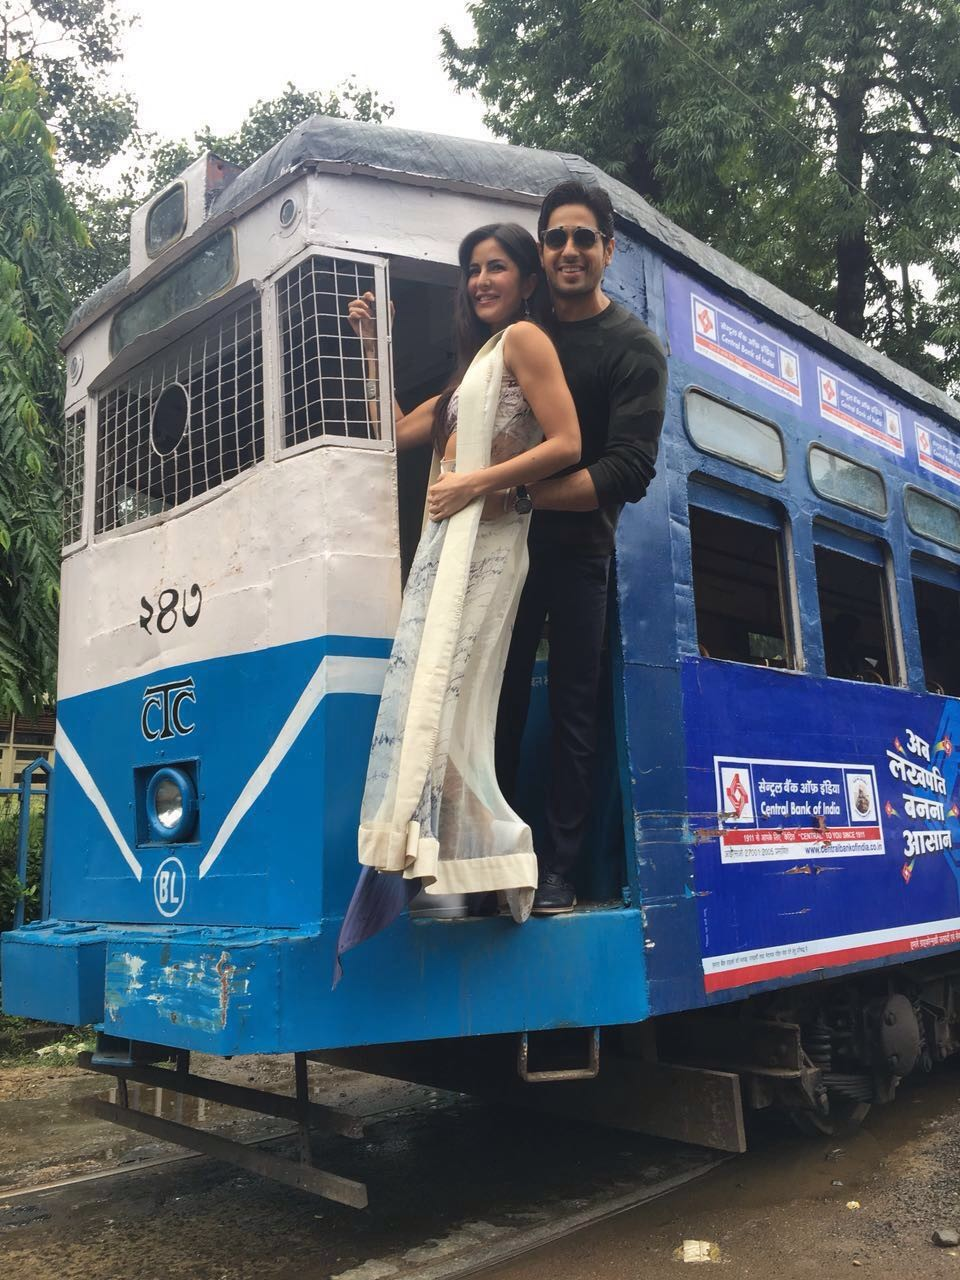 Baar Baar Dekho,Sidharth Malhotra and Katrina Kaif,Sidharth Malhotra,Katrina Kaif,Sidharth Malhotra partied in Kolkata's Train,Baar Baar Dekho working stills,Baar Baar Dekho on the sets,Baar Baar Dekho pics,Baar Baar Dekho images,Baar Baar Dekho phot